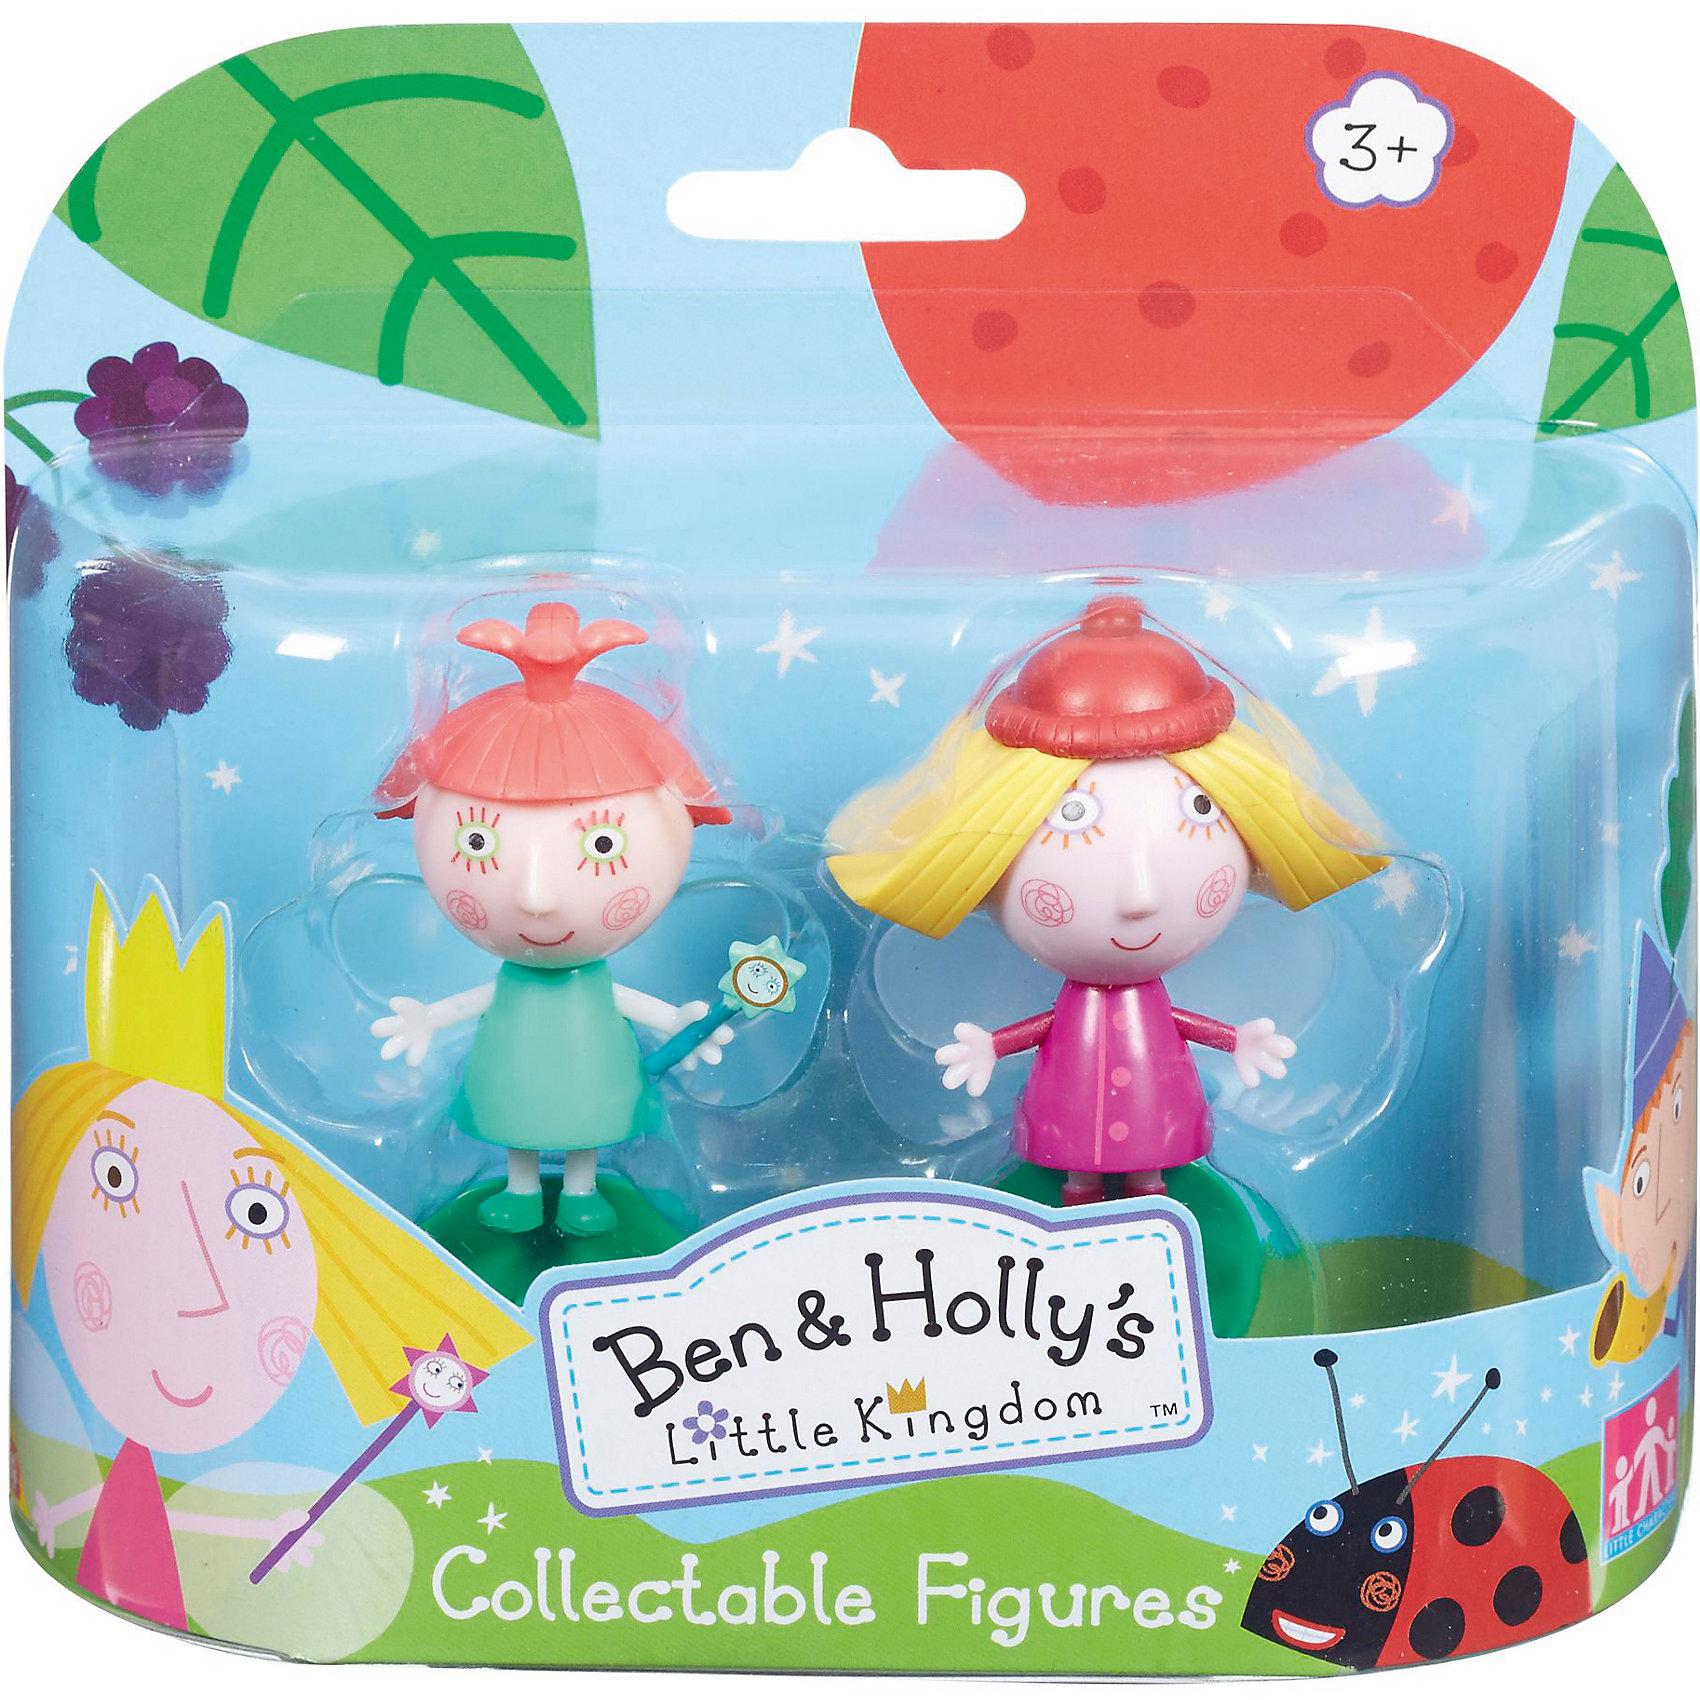 Игровой набор Холли и Стробери, Бен и ХоллиИгровой набор Холли и Стробери приведет в восторг любителей мультика Маленькое королевство Бена и Холли. В наборе есть фигурки Холли и Стробери с подвижными деталями. Благодаря двигающимся рукам и ногам героев, с ними можно придумать множество игр, тем более, чтоб малышам нужно будет активнее задействовать пальчики и творческое мышление!<br>Набор сделан из высококачественного пластика, который безопасен для малышей. Набор яркий, очень симпатично смотрится. Он будет отличным подарком ребенку! Подобные игрушки отлично помогают развитию у детей воображения и моторики.<br><br>Дополнительная информация:<br><br>цвет: разноцветный;<br>материал: пластик;<br>комплектация: фигурки Холли и Стробери;<br>размер фигурки: 6 см;<br>размер упаковки: 14,5 х 15,5 х 5 см.<br><br>Игровой набор Холли и Стробери от бренда Бен и Холли можно приобрести в нашем интернет-магазине.<br><br>Ширина мм: 145<br>Глубина мм: 155<br>Высота мм: 50<br>Вес г: 118<br>Возраст от месяцев: 36<br>Возраст до месяцев: 2147483647<br>Пол: Унисекс<br>Возраст: Детский<br>SKU: 4970301